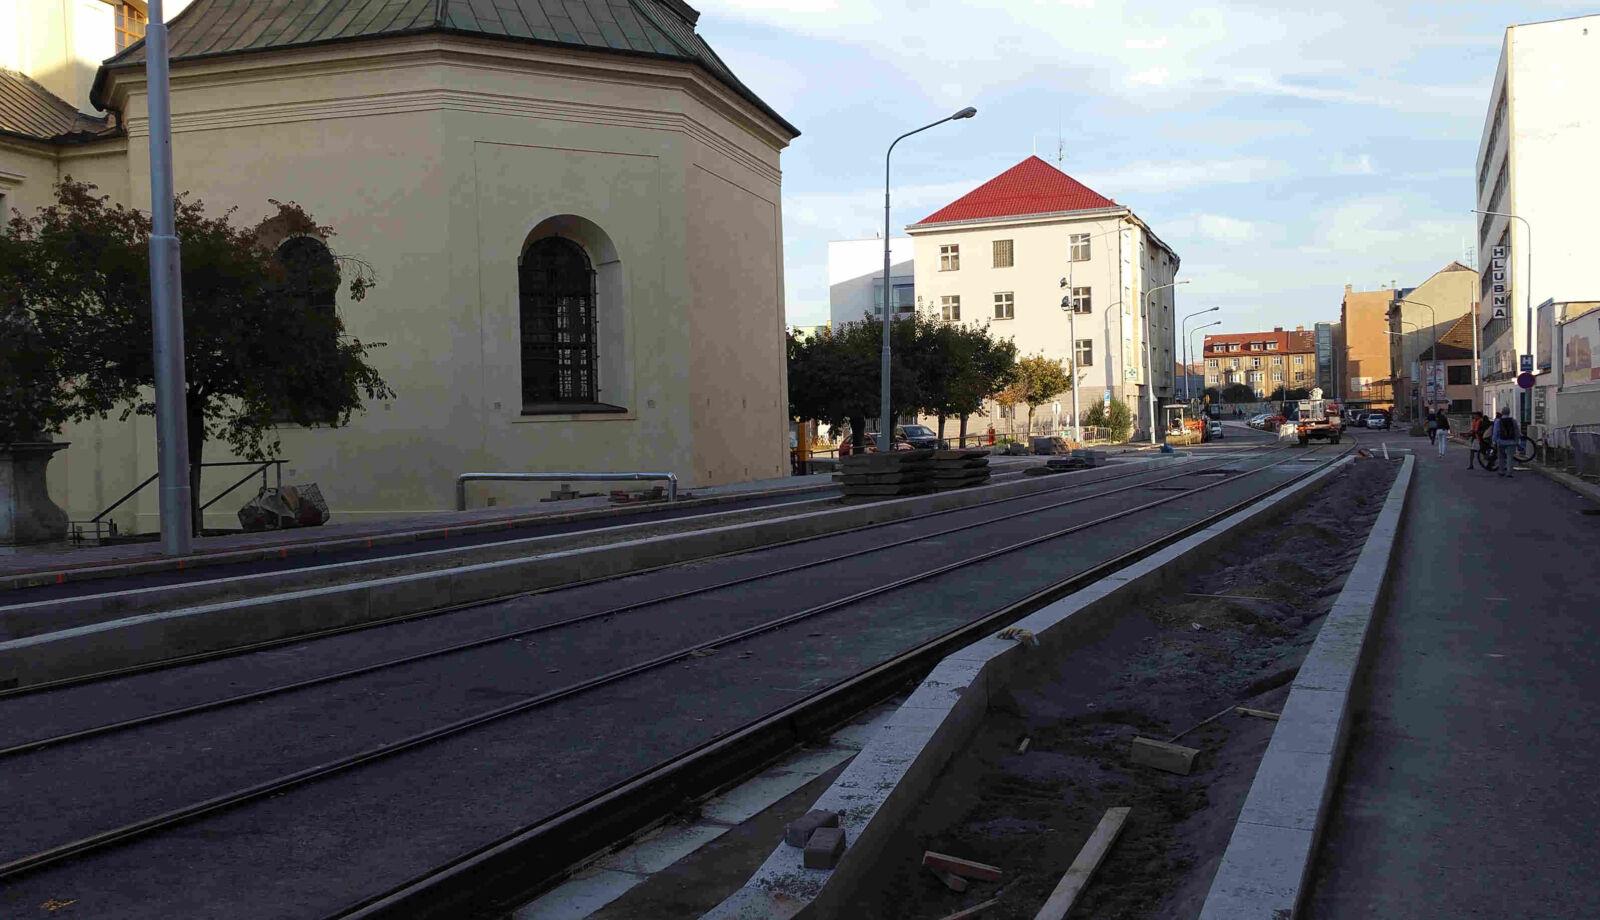 Nástupní ostrůvek šaliny u kostela Nanebevzetí Panny Marie v Zábrdovicích v Brně